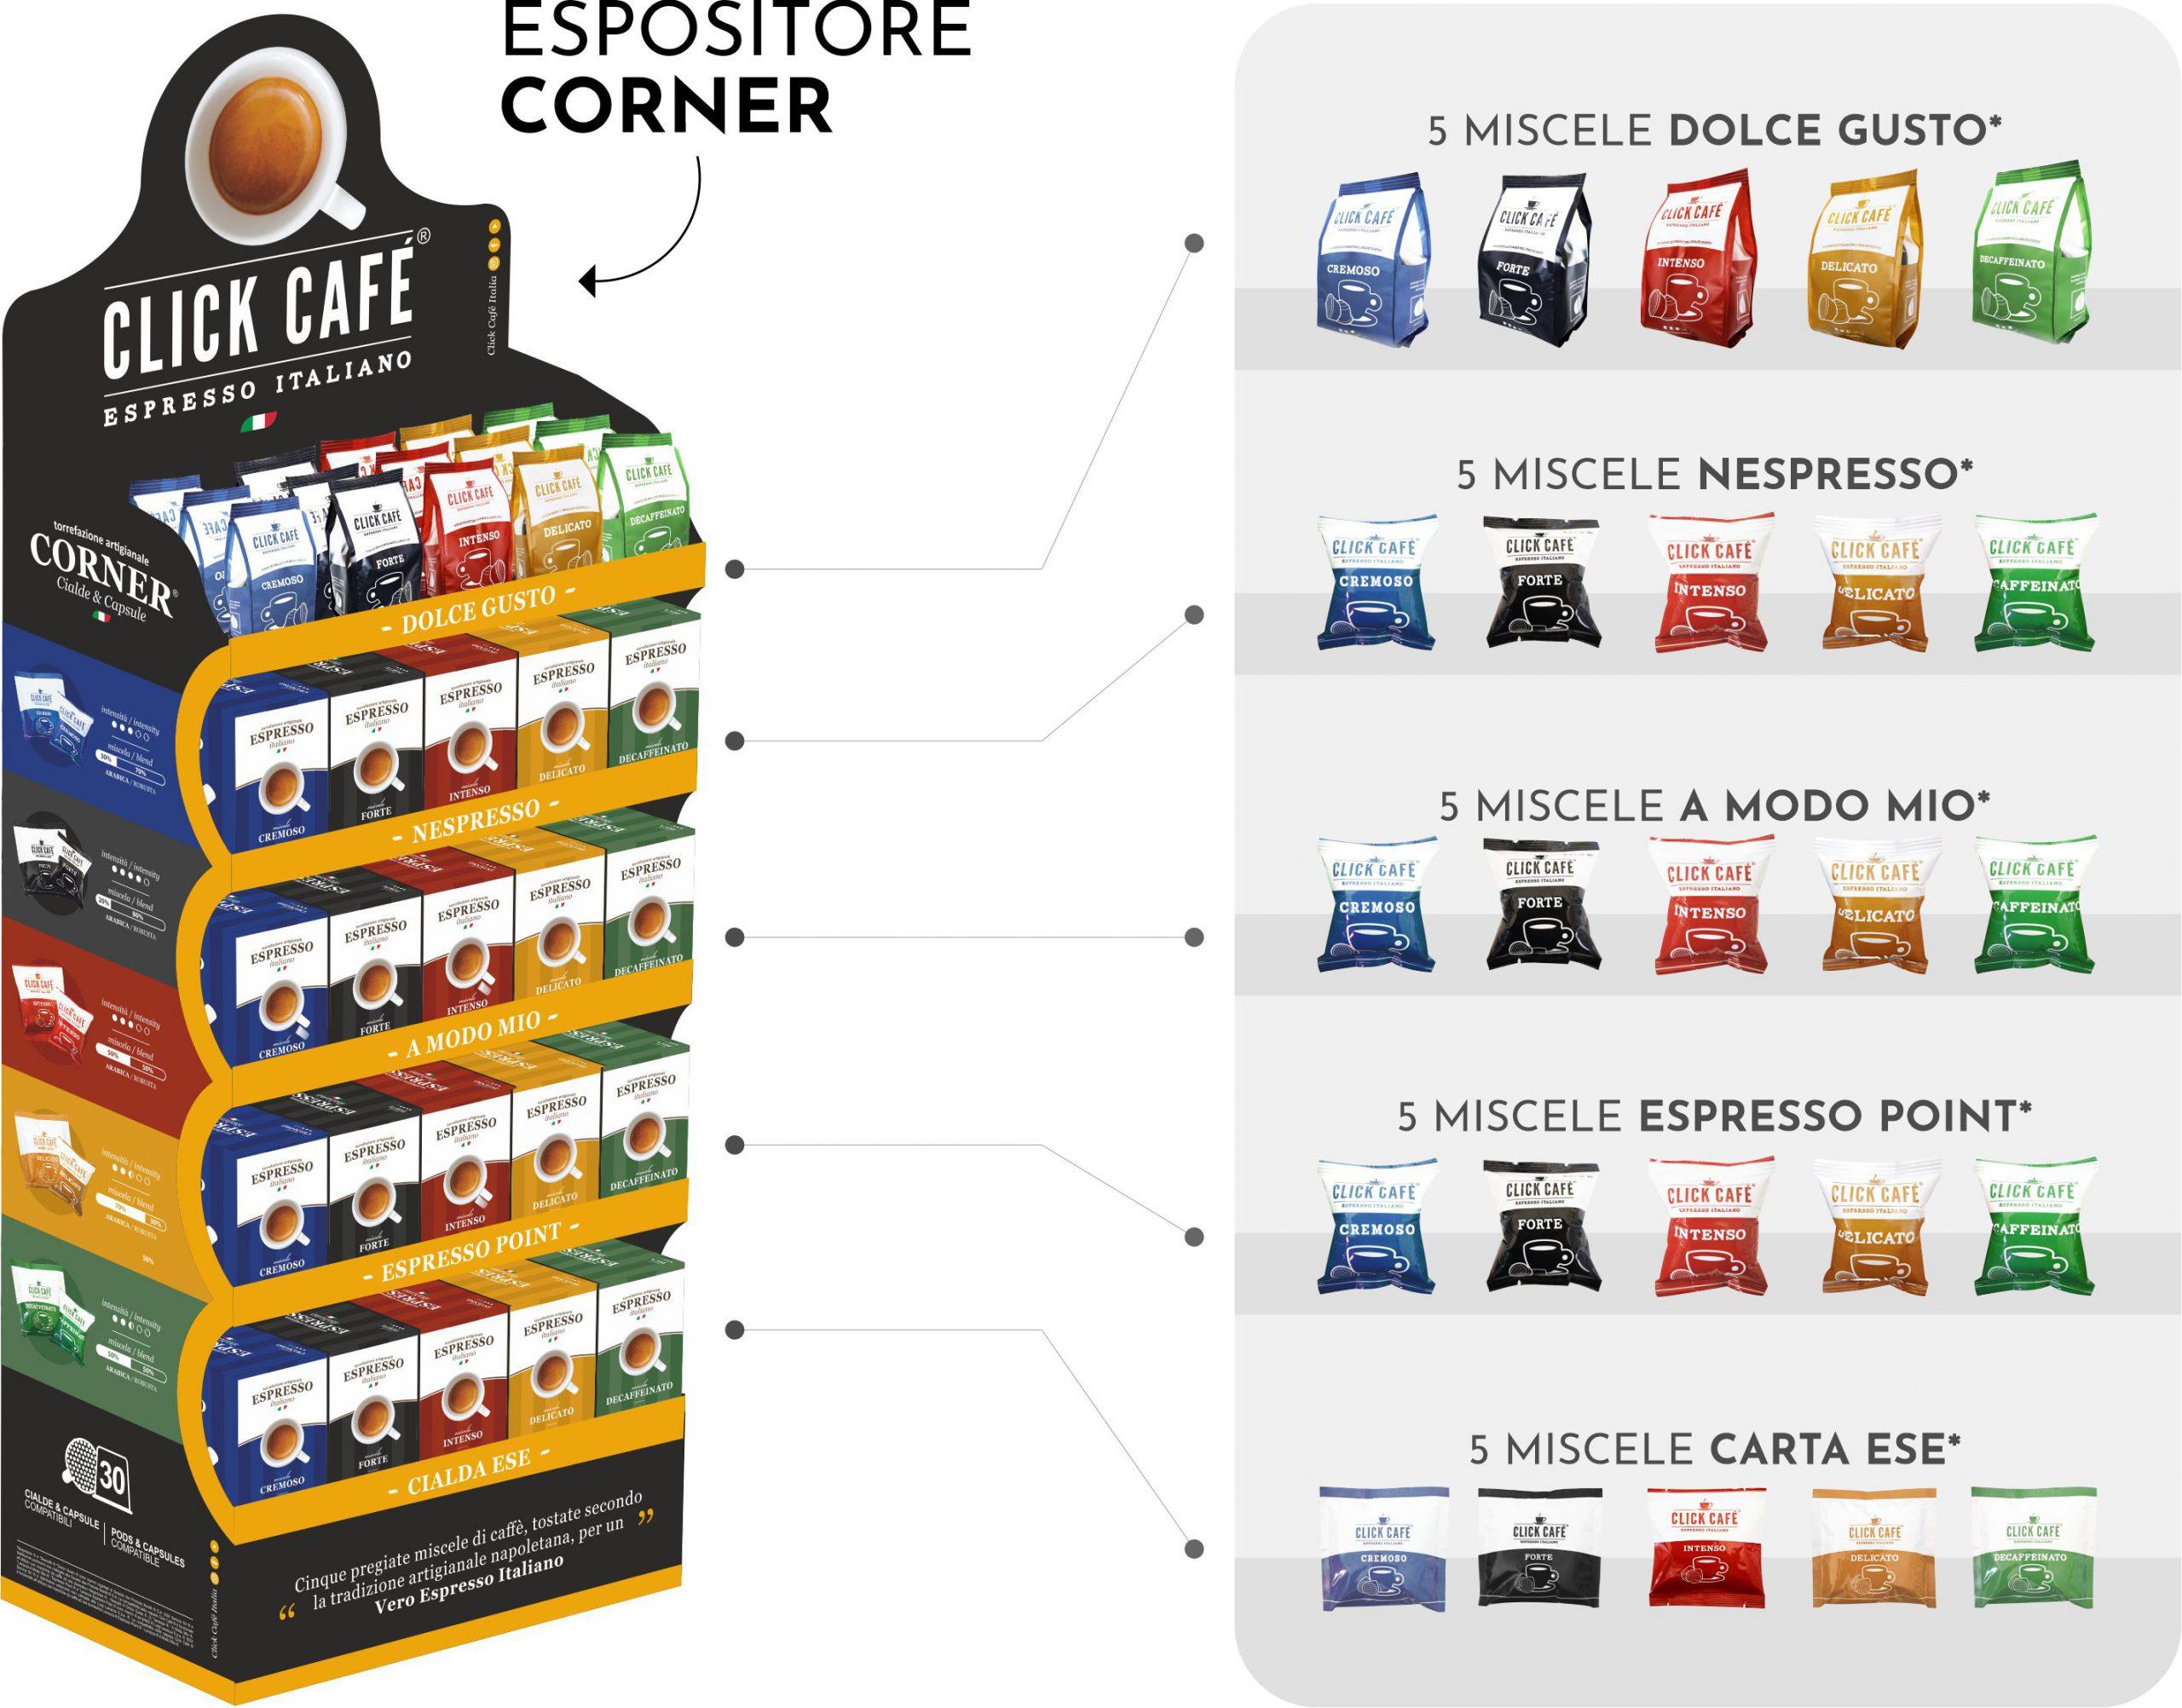 Espositore Click Cafè - Corner Cialde e Capsule